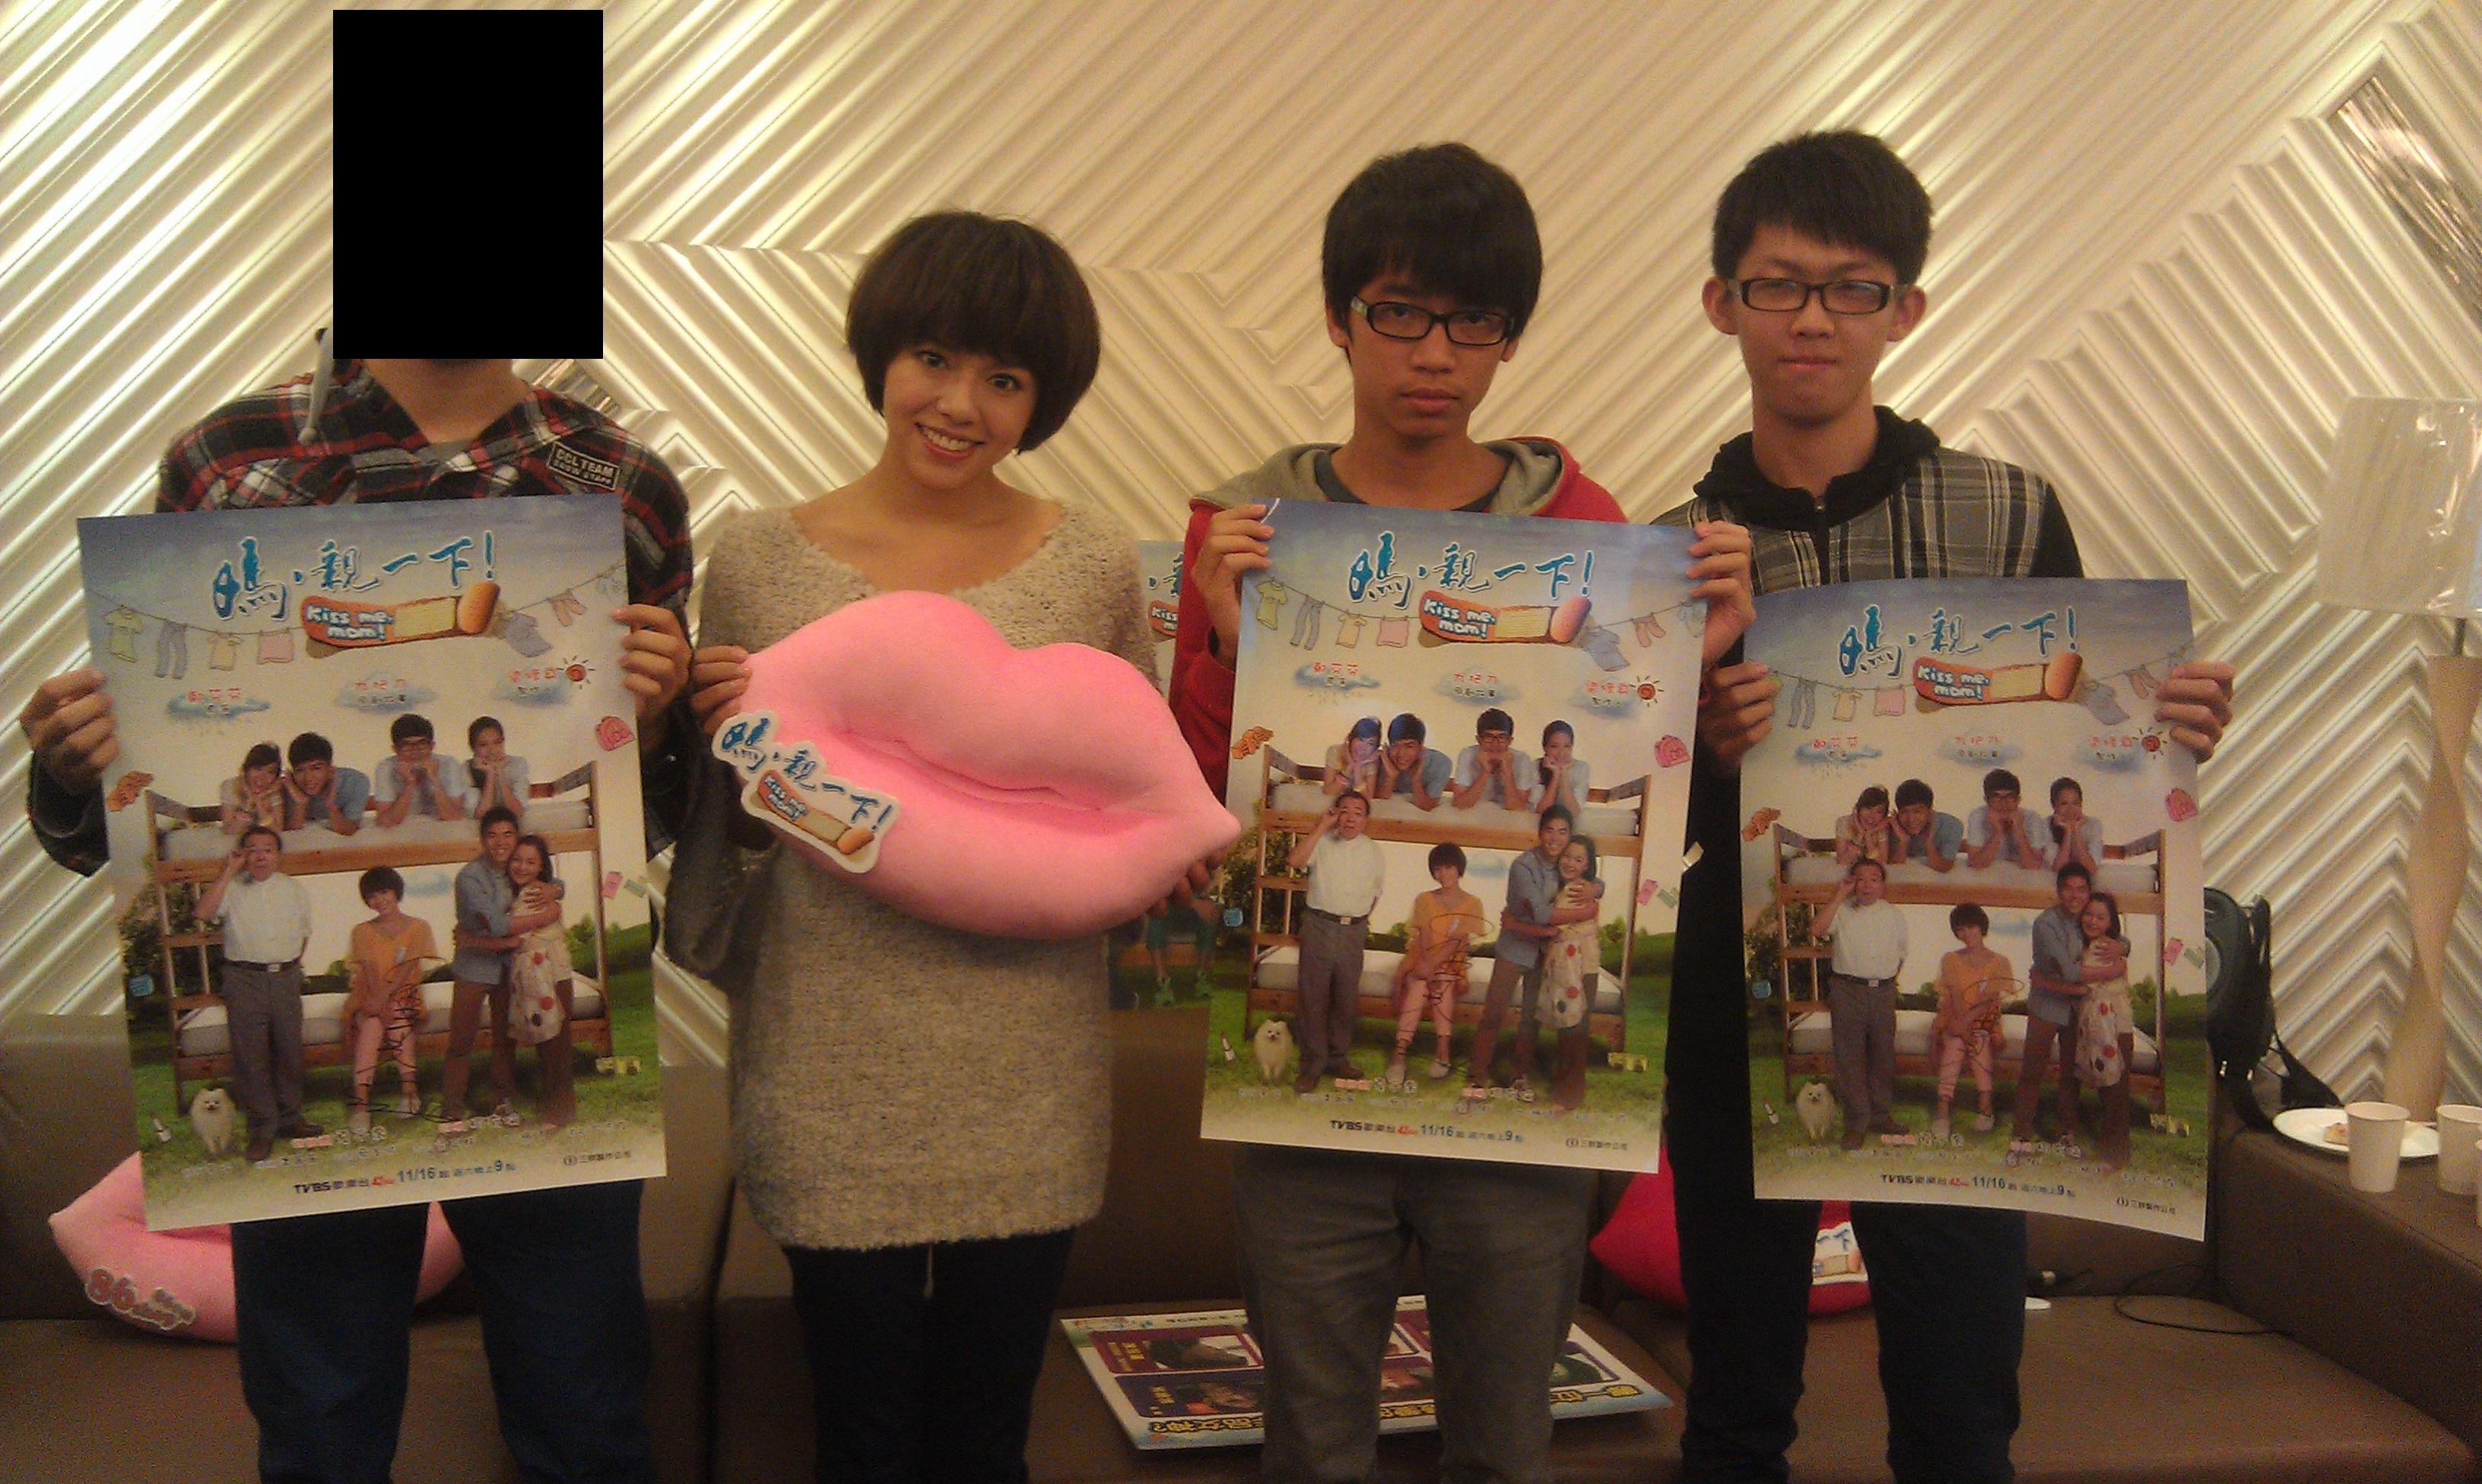 【偶像劇】媽。親一下 (試映會心得) – JS Ying's Blog